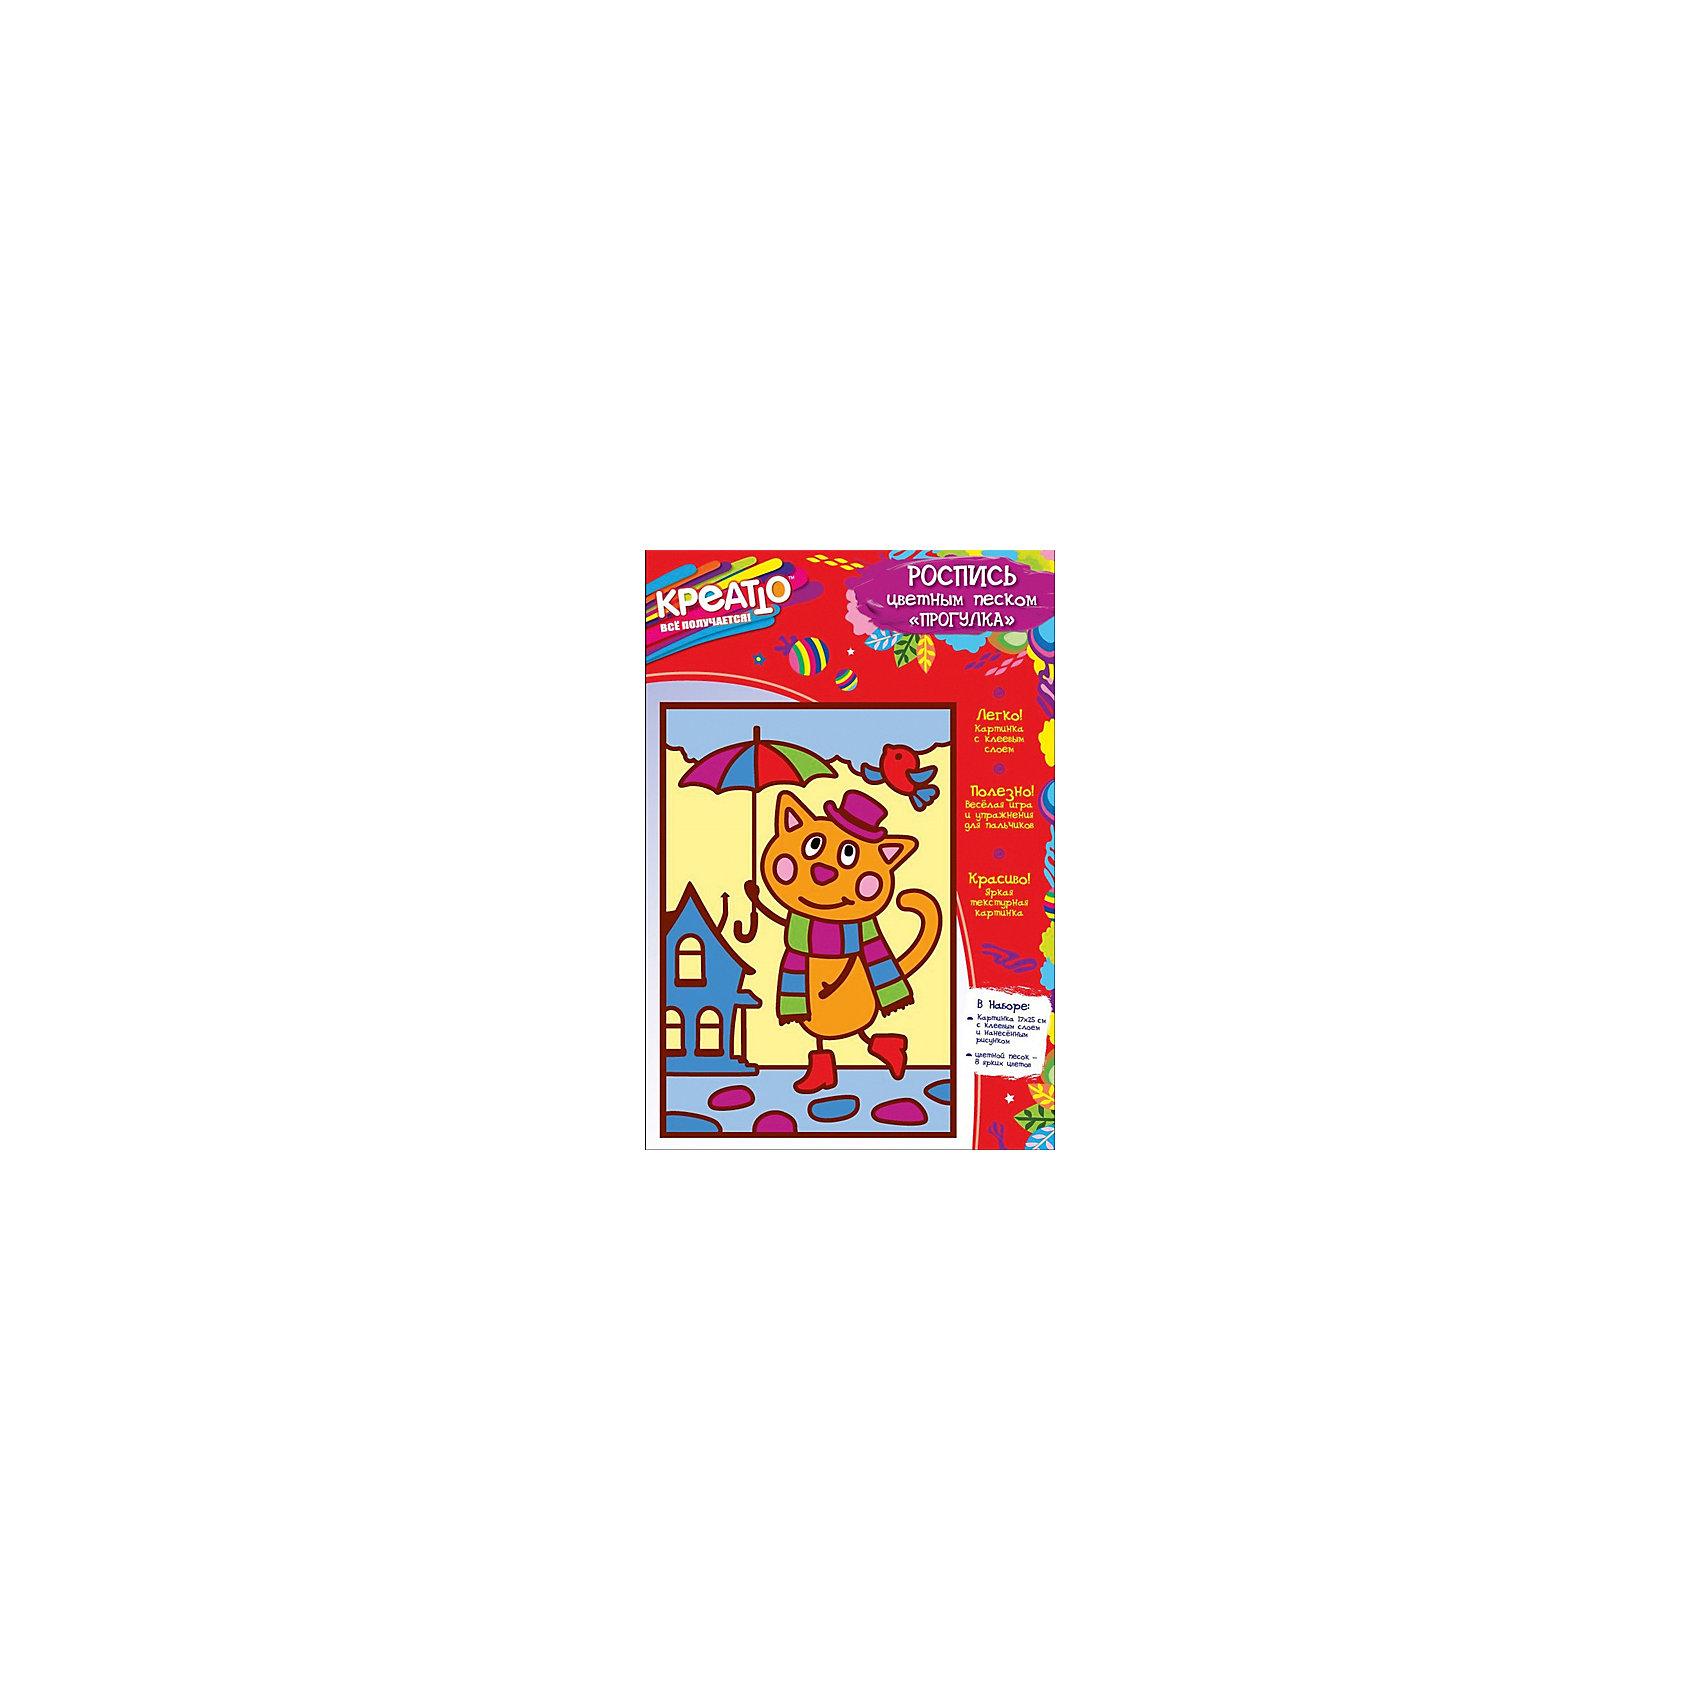 Роспись цветным песком Прогулка 17x25 см, КРЕАТТОДобро пожаловать в творческий мир Креатто! Предложите малышу раскрасить картинку цветным песком. Эта увлекательная игра – отличное упражнение для пальчиков: тренирует тонкую пальцевую моторику и координацию мелких движений, а также развивает внимание и цветовосприятие. Чтобы песком было удобнее пользоваться, высыпьте его в плоские емкости или на листы бумаги, создав своеобразную палитру. Выберите деталь и снимите с нее защитный слой бумаги (контур отклеивать не надо!). Насыпьте песок на клеевую часть и разотрите пальчиком. Оставшийся песок высыпьте обратно в «палитру». Раскрашивайте картинку сверху вниз, смешивайте цвета для получения новых оттенков. И в результате у вас получится красочная текстурная картинка.&#13;<br>В наборе для росписи цветным песком «Прогулка» ТМ «Ктеатто»: картонная основа (17х25 см) с нанесенным рисунком и клеевым слоем, 8 ярких цветов песка в пакетиках по 5 г. Набор изготовлен из картона, бумаги и цветного песка. Товар сертифицирован. 3+. Срок годности – 5 лет.<br><br>Ширина мм: 252<br>Глубина мм: 170<br>Высота мм: 8<br>Вес г: 90<br>Возраст от месяцев: 36<br>Возраст до месяцев: 72<br>Пол: Унисекс<br>Возраст: Детский<br>SKU: 5076613